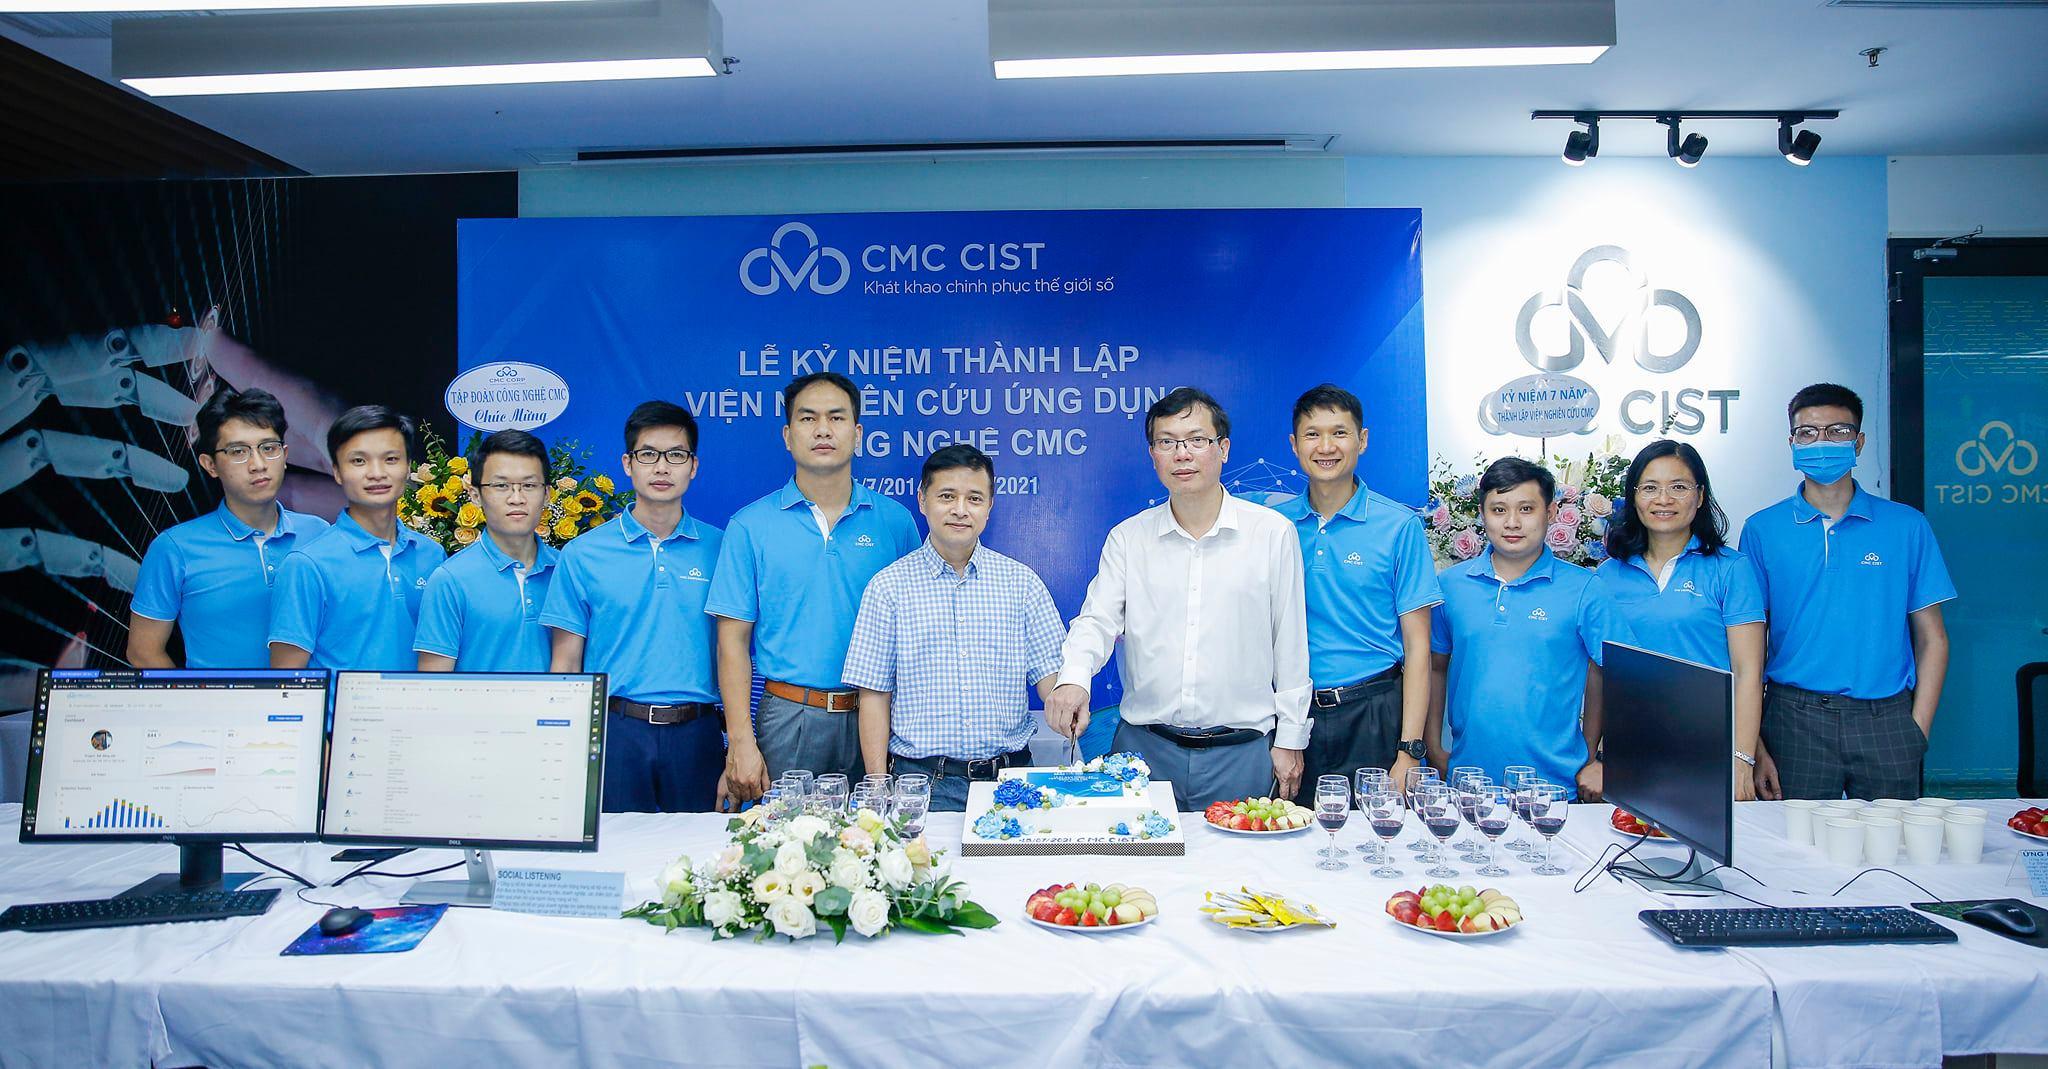 Viện Nghiên cứu Ứng dụng Công nghệ CMC kỷ niệm 7 năm thành lập